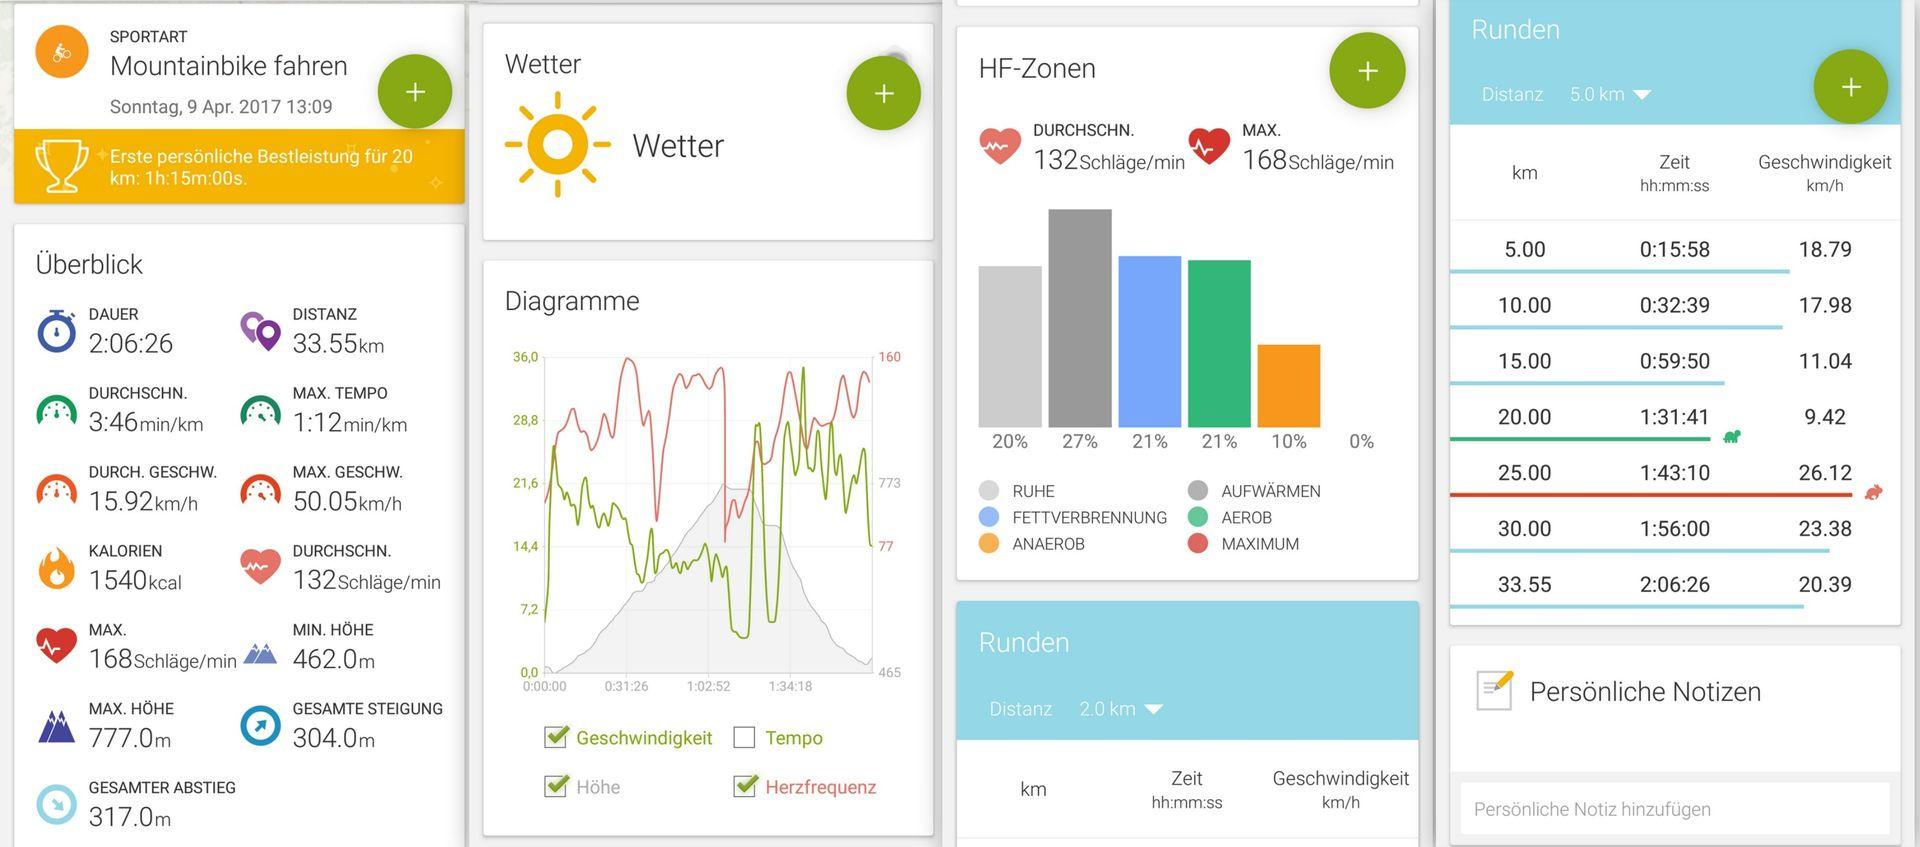 Endomondo on Samsung Gear S3 - Leistungsdaten - SmartTechNews